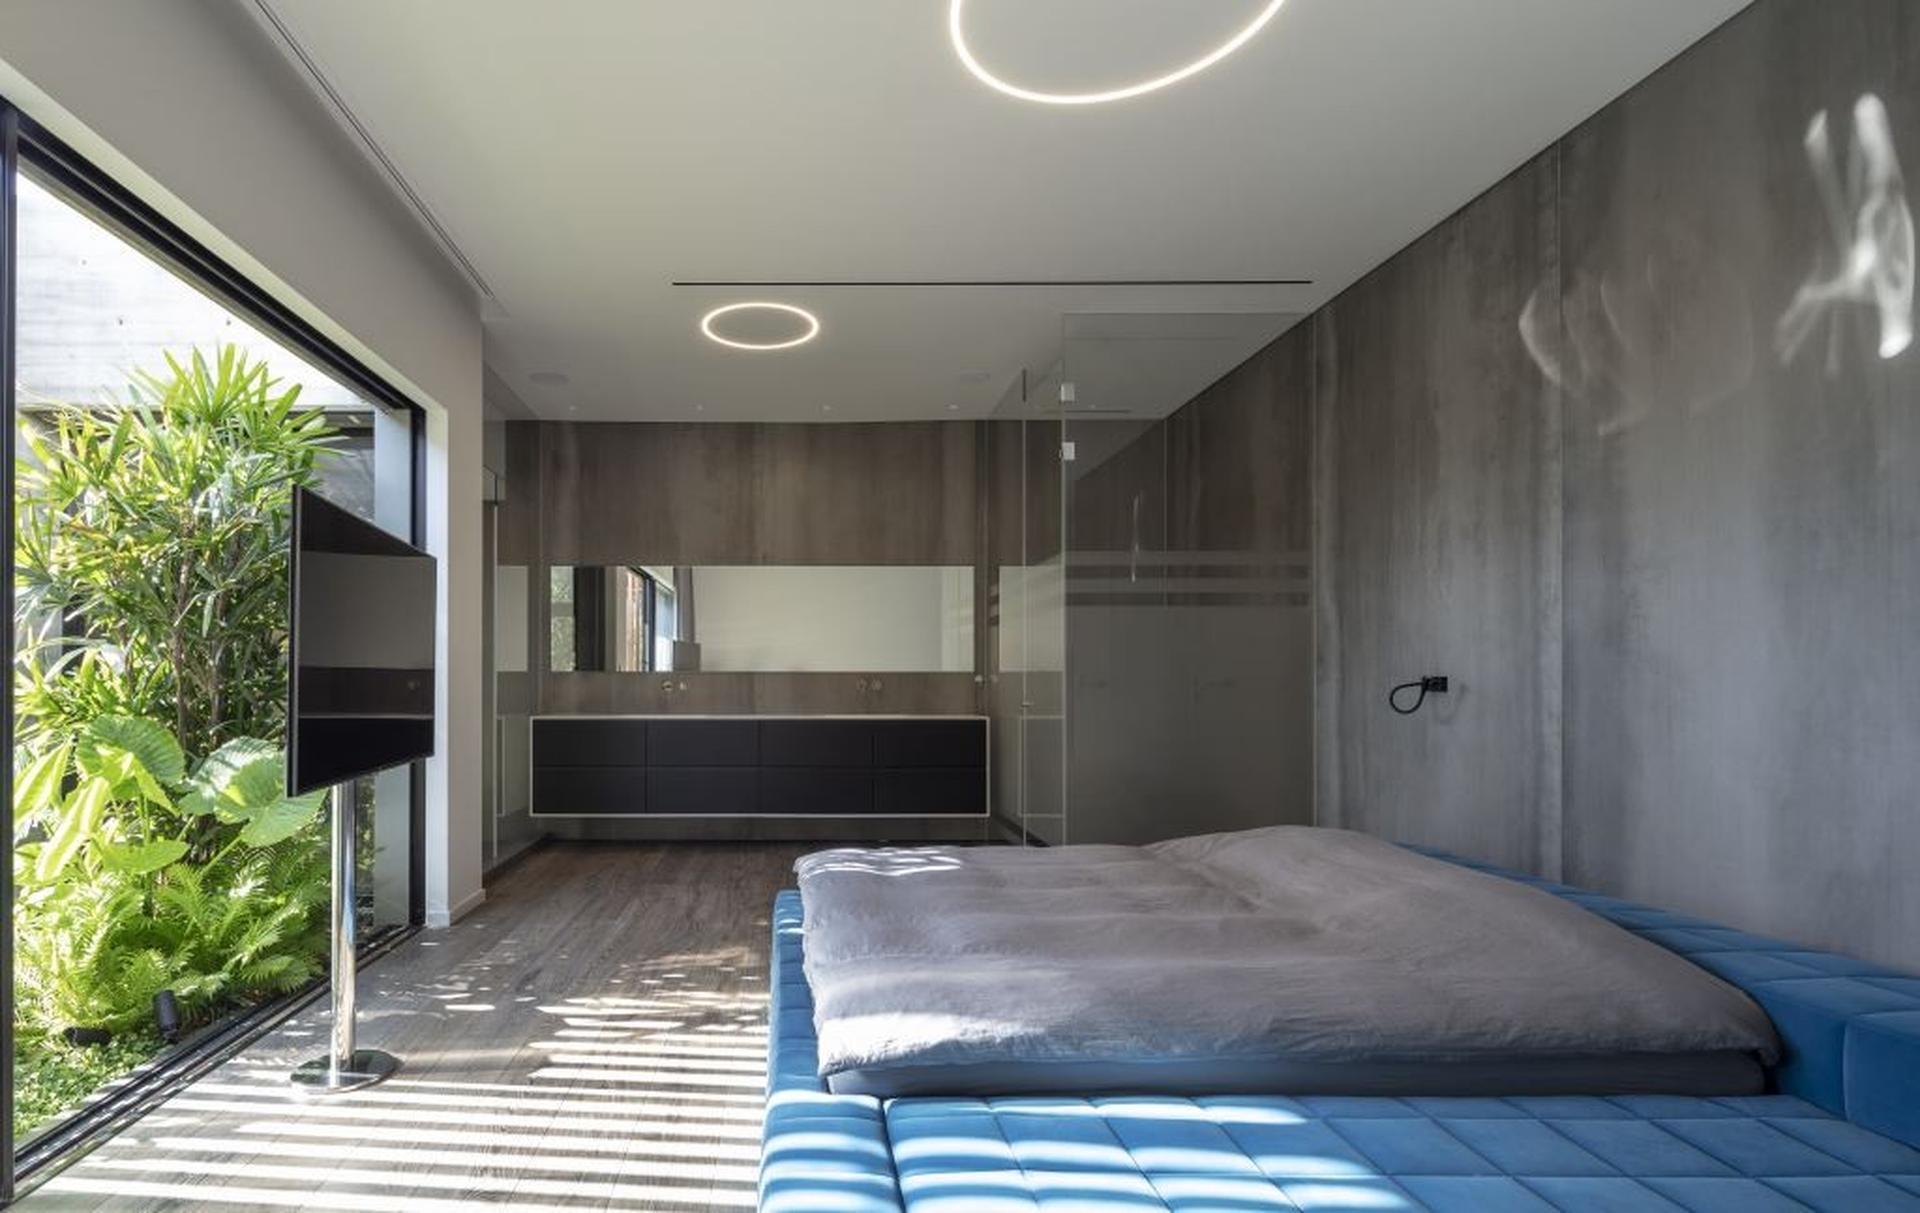 חדר השינה. צילום: עמית גירון